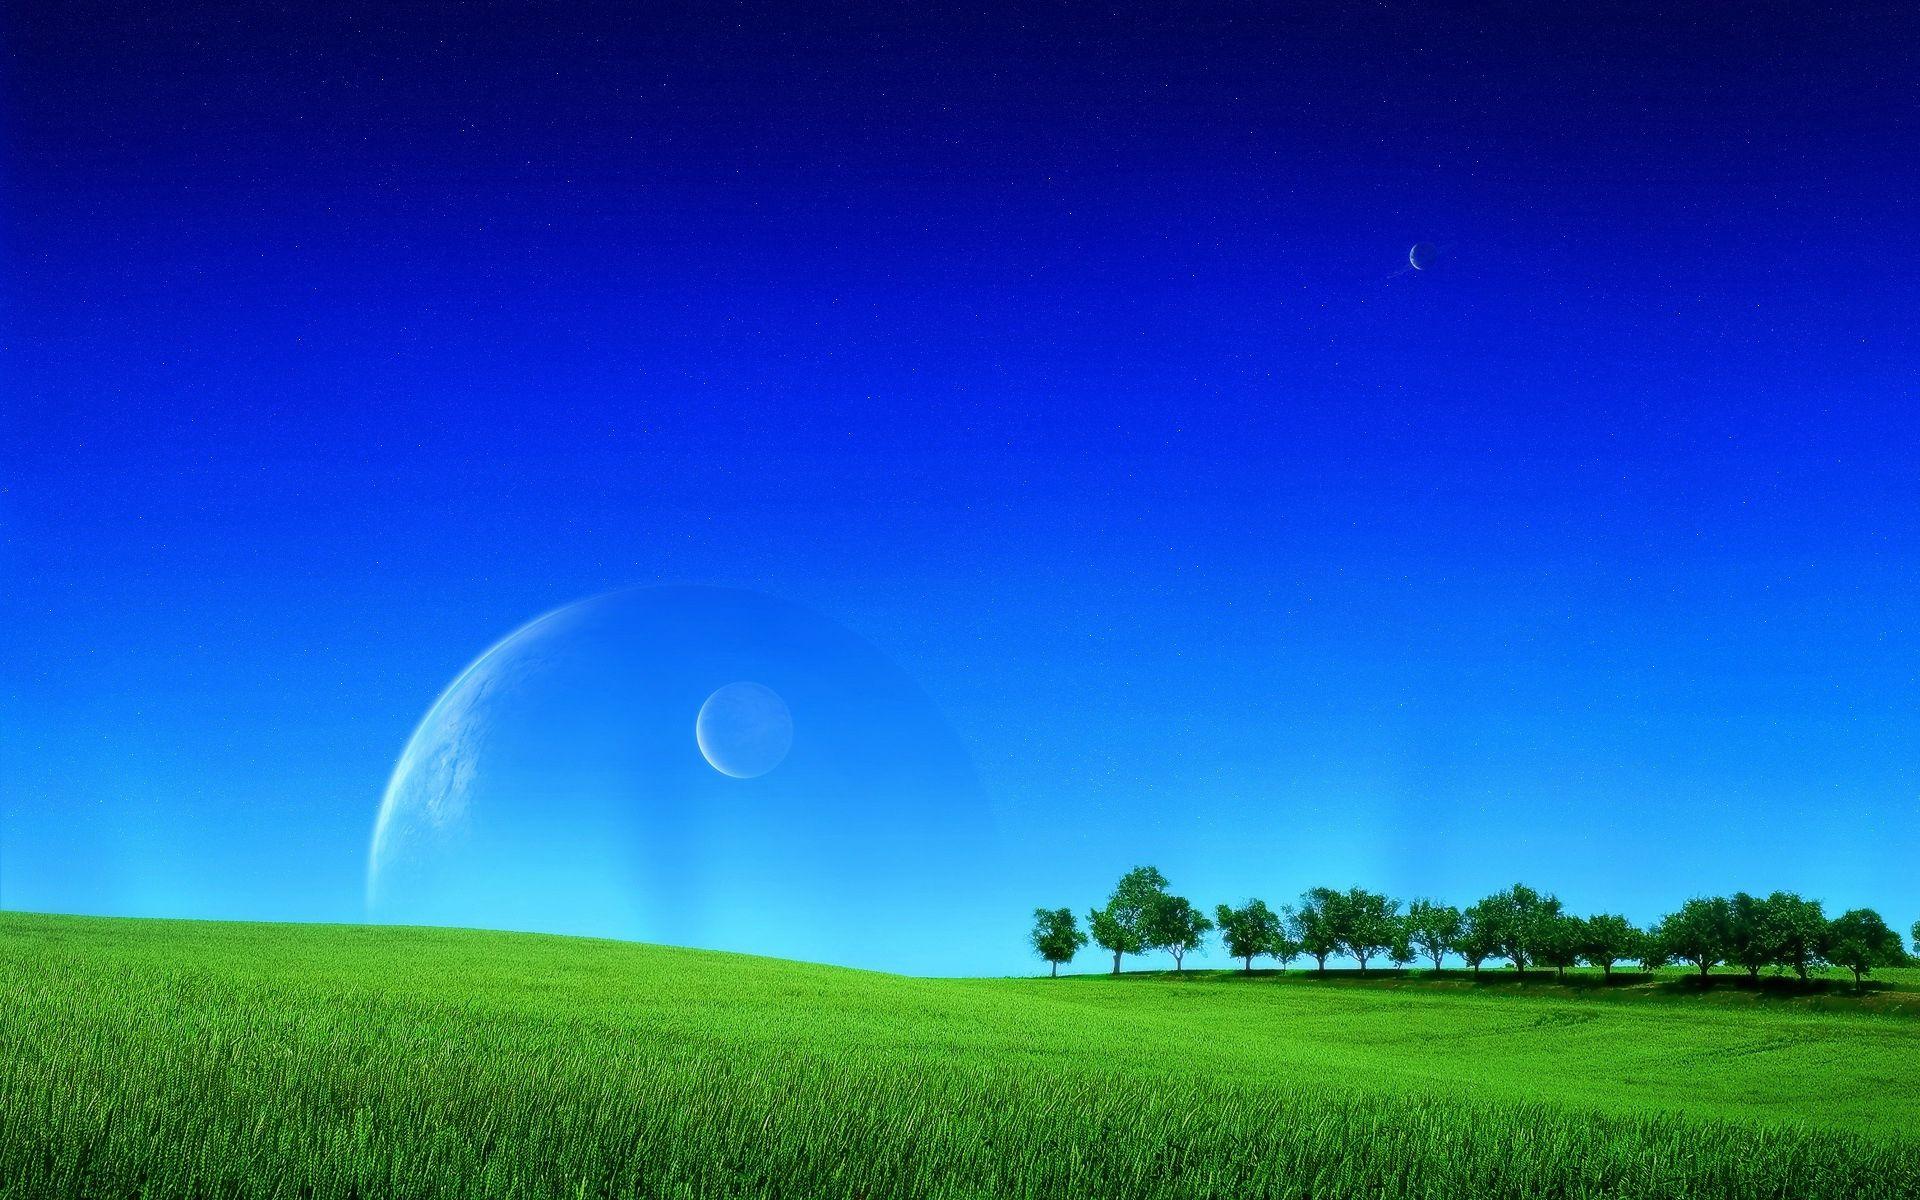 57898 скачать обои Космос, Фэнтези, Планеты, Зелень, Газон, Трава, Небо, Поле - заставки и картинки бесплатно